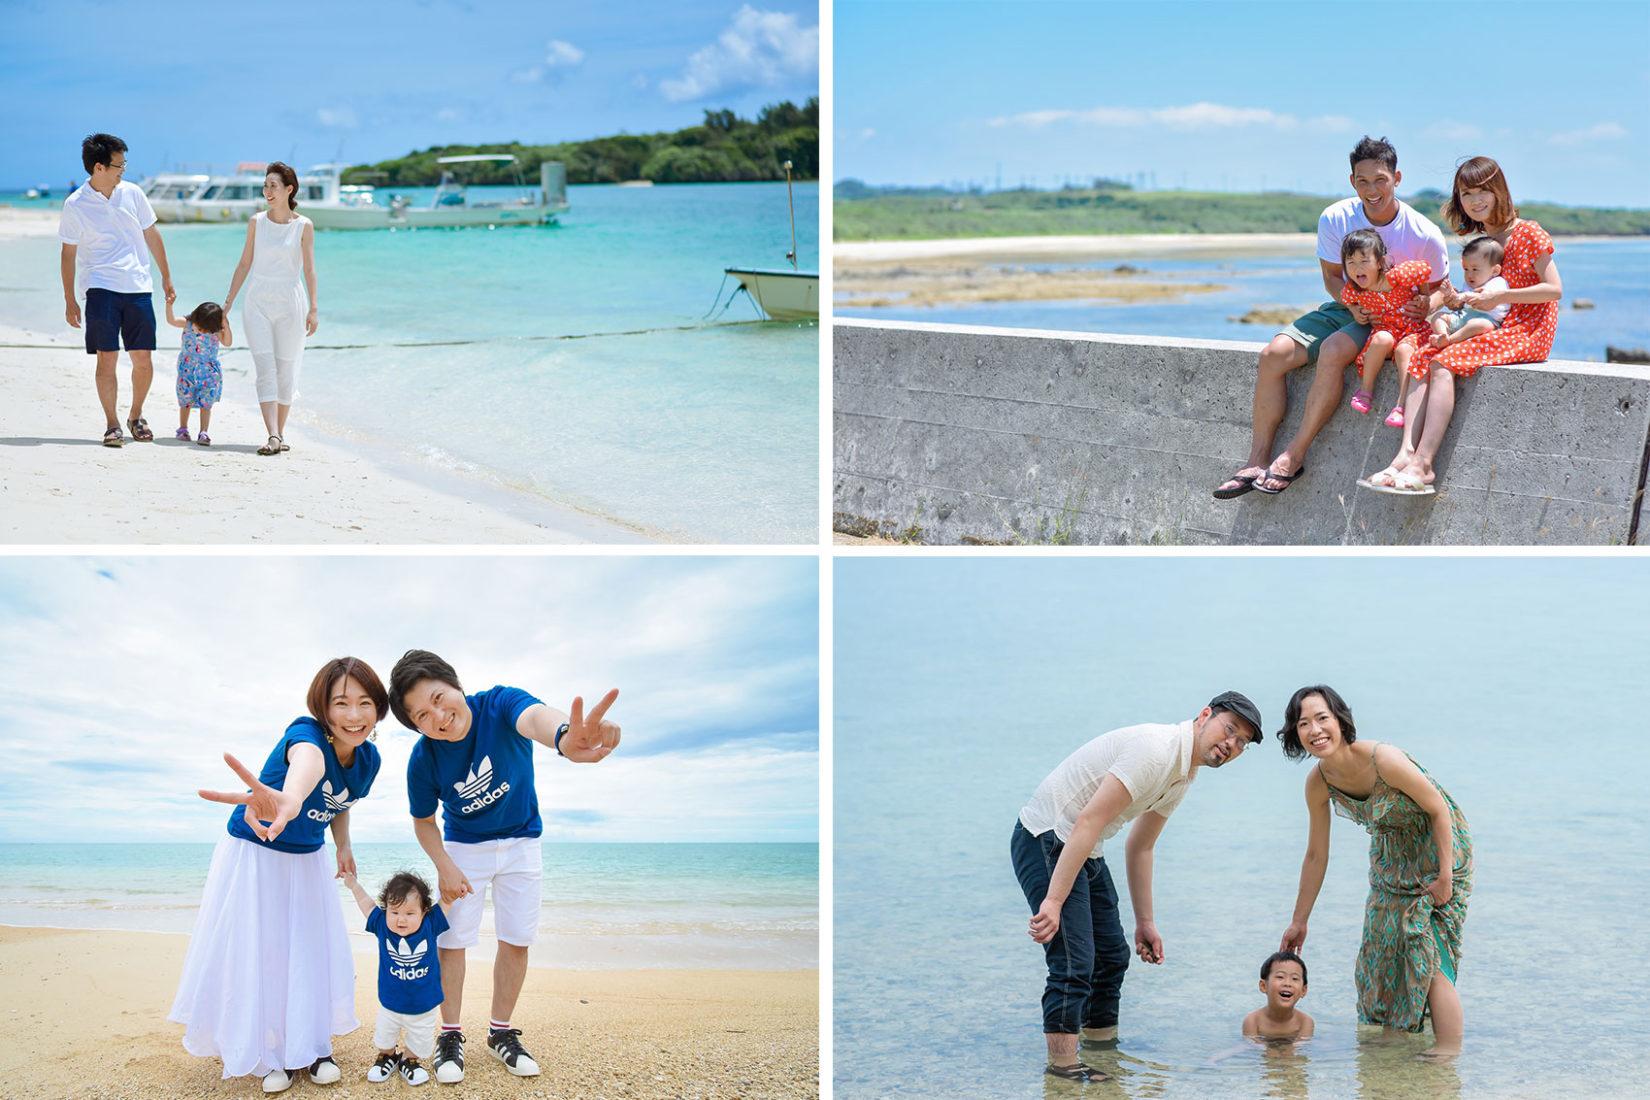 【2019年9月版】ビーチで家族写真を撮るときの服装&コーデ(写真多め)